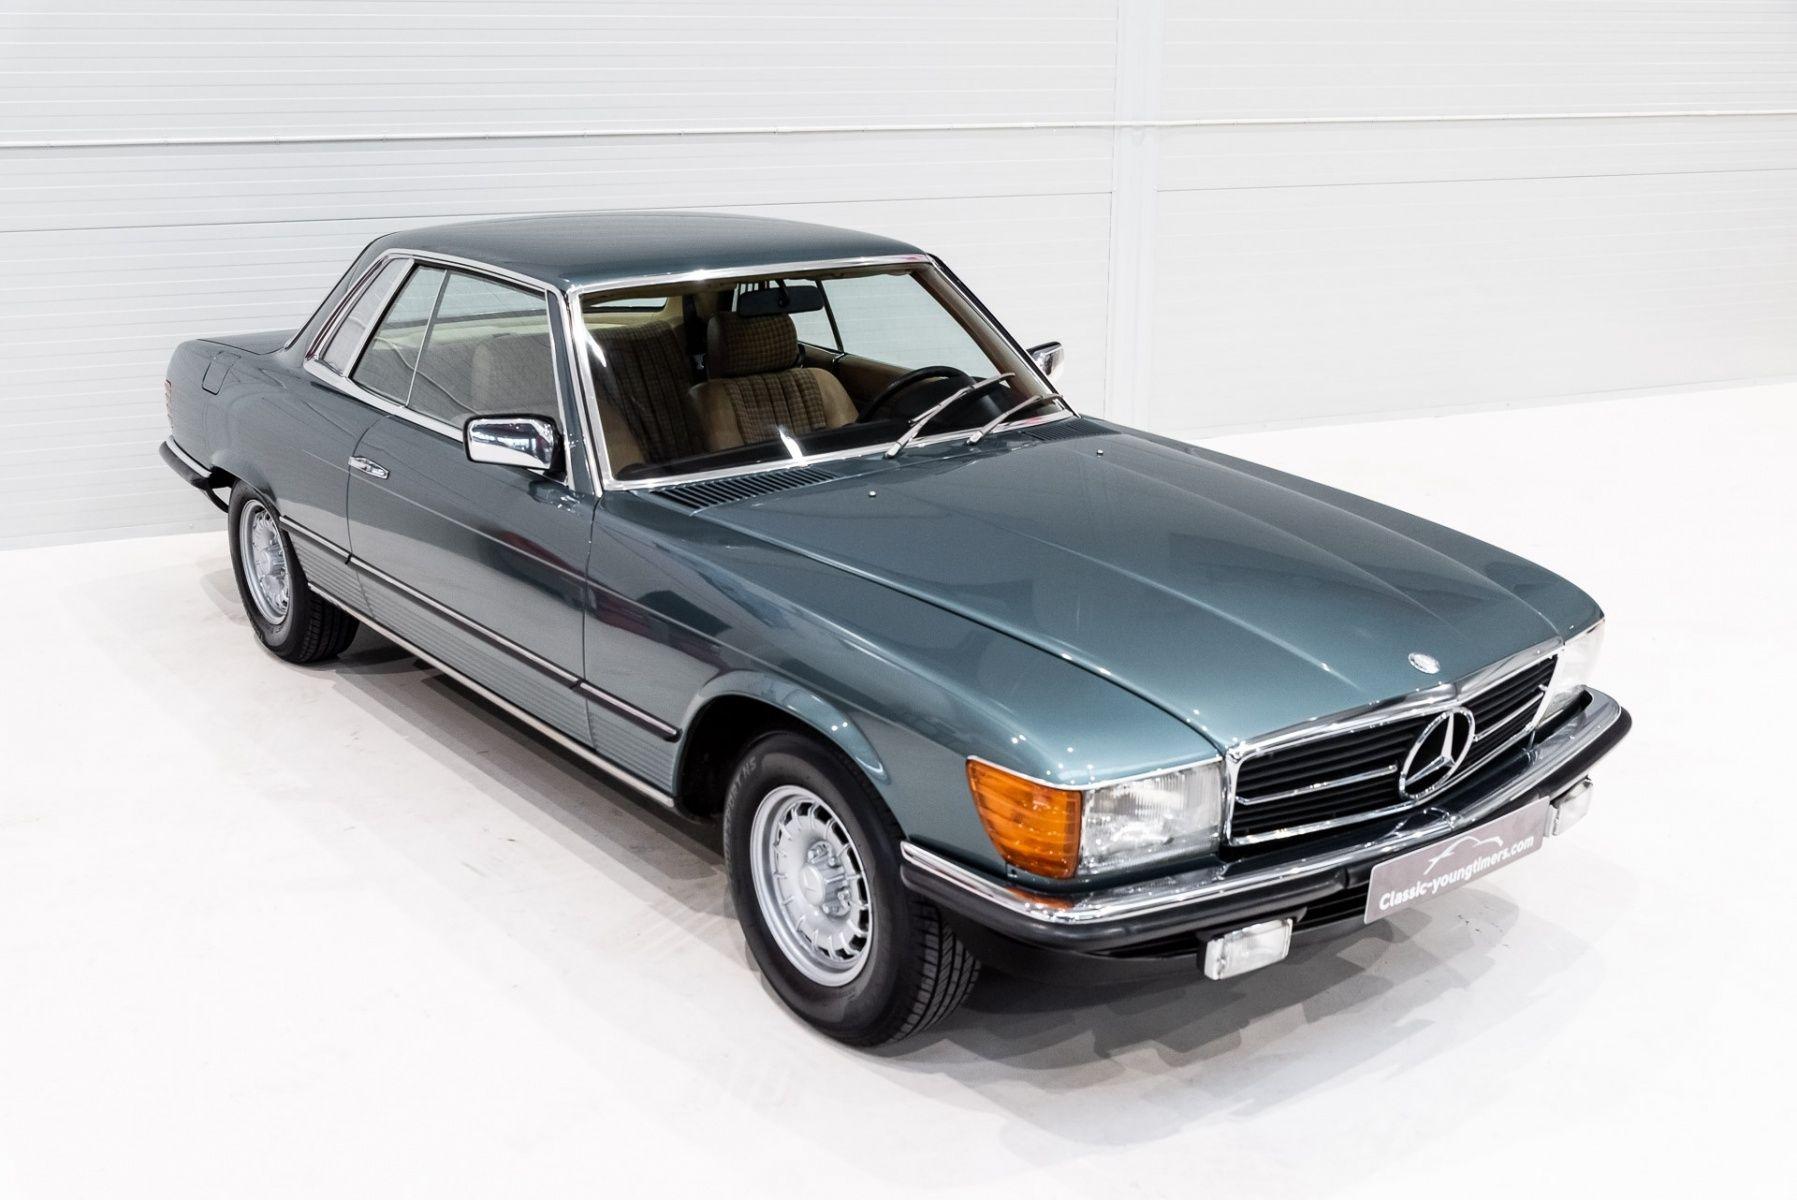 1981 Mercedes Benz Slc 280 Slc Coupe C107 Classic Driver